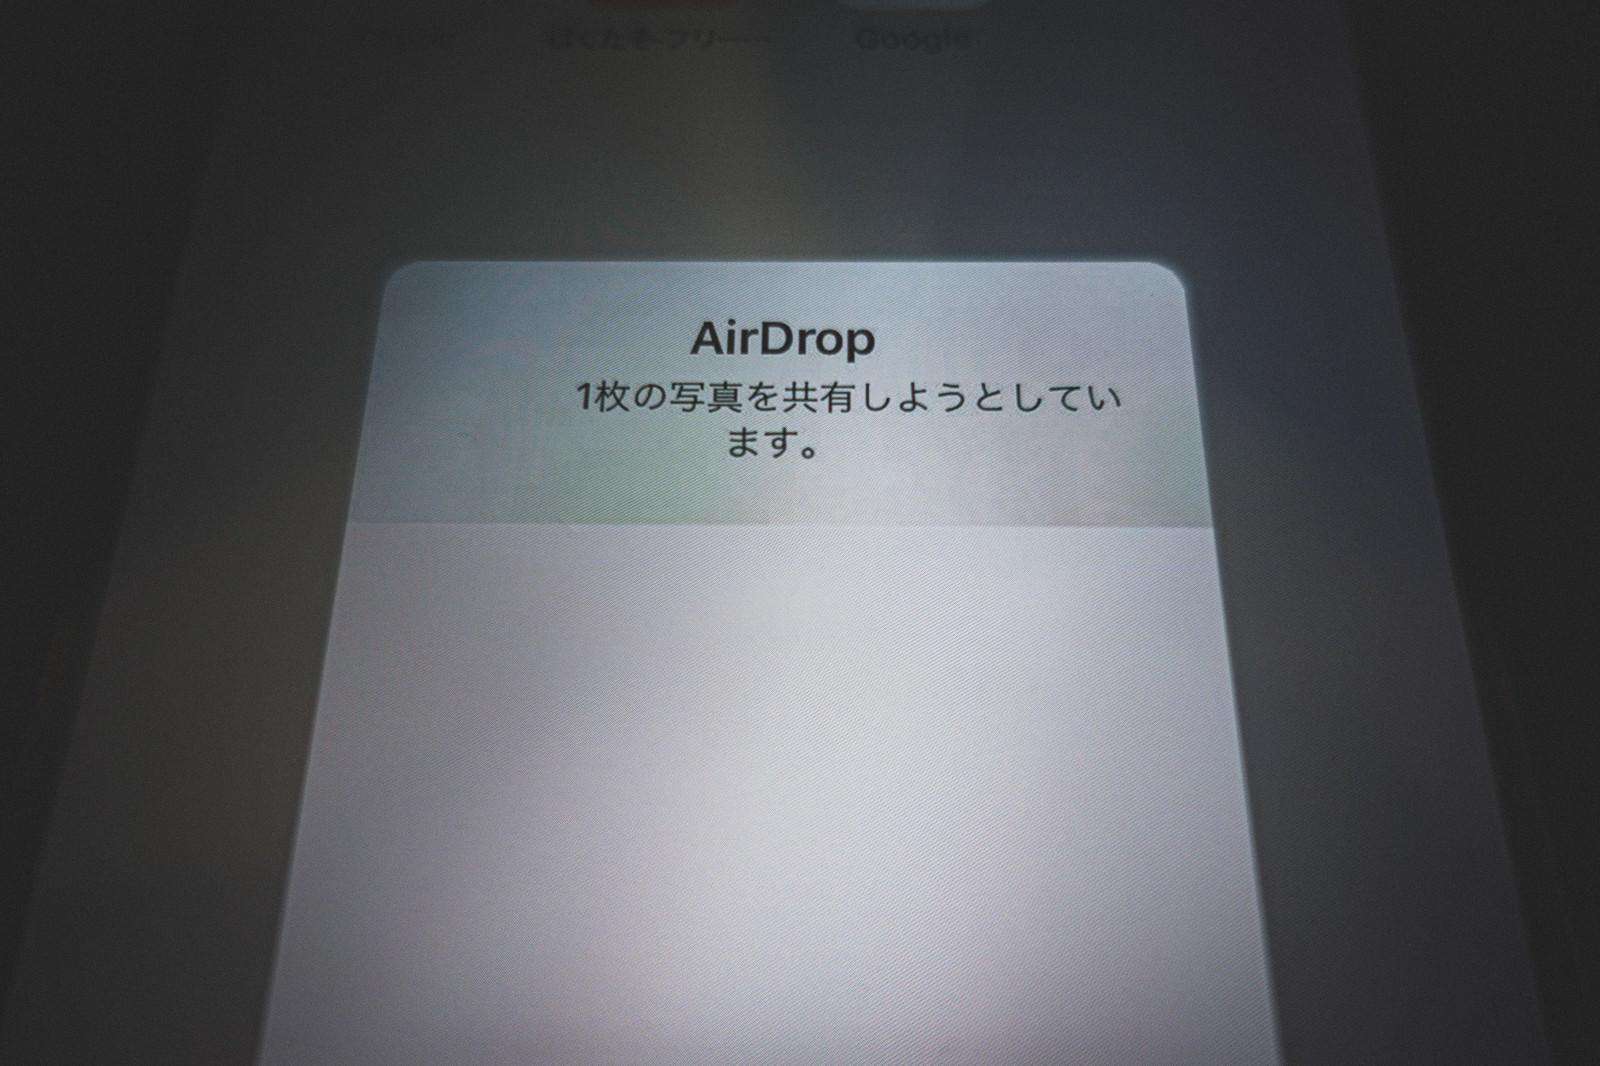 「AirDropで何か送信されてきた」の写真